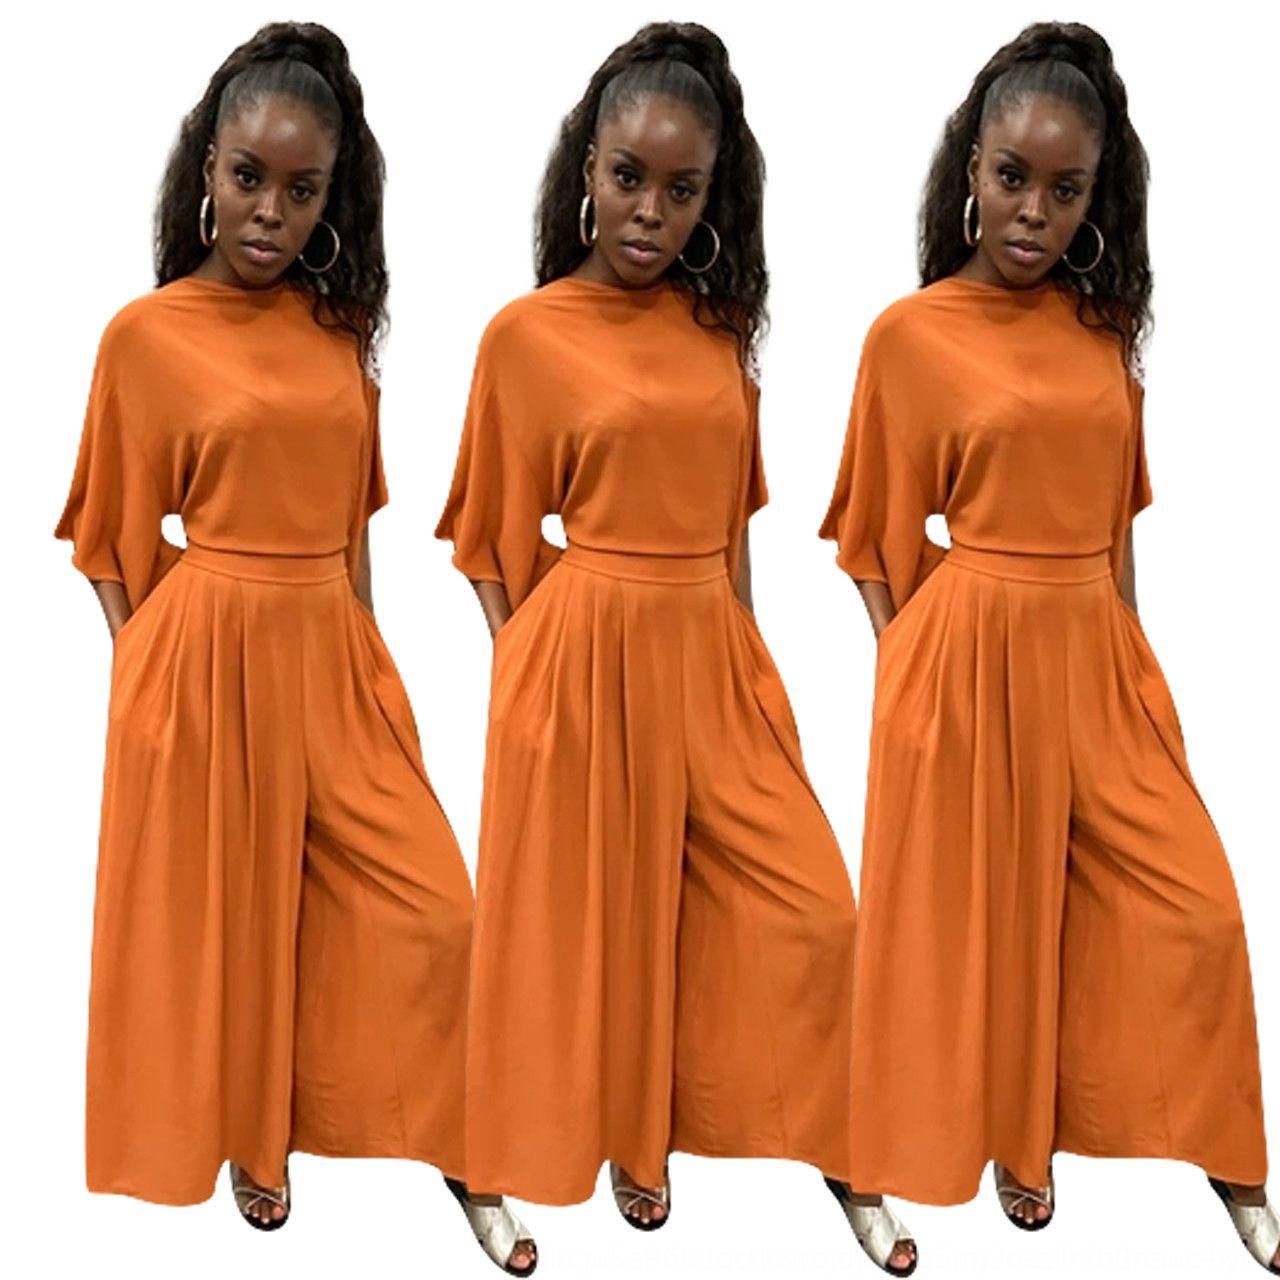 NK067 pieghe Fold moda allentato pieghe del vestito di modo allentato vestito Fold delle donne NK067 delle donne yJ3Av